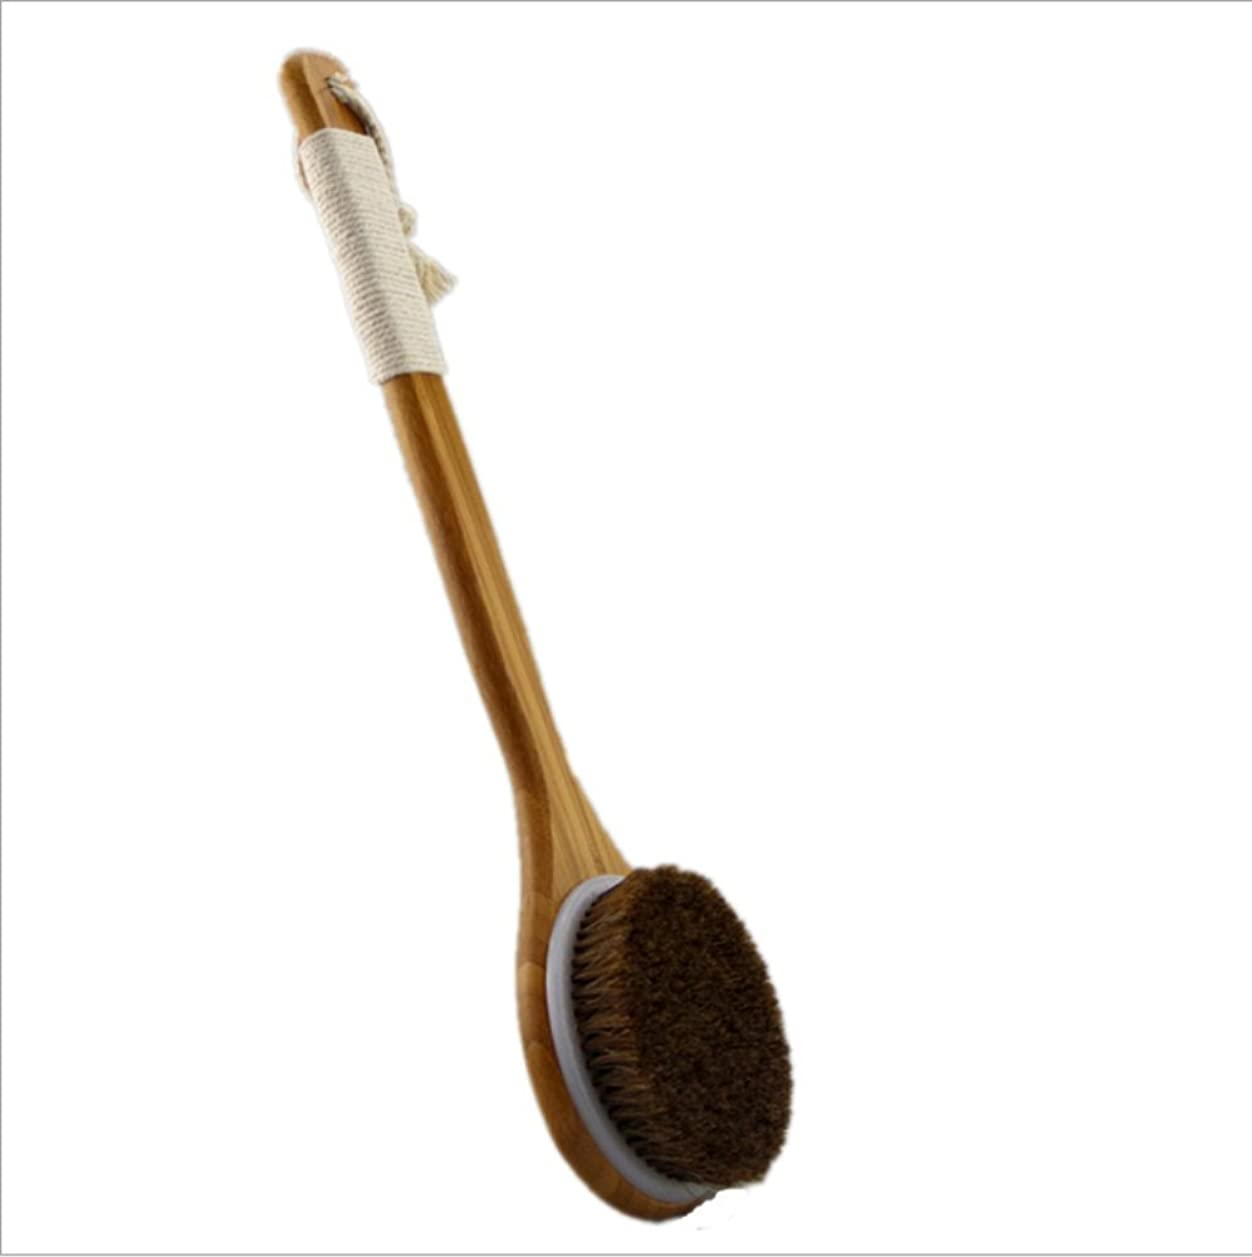 抵抗力がある柱合図Bigmind 100%天然高級な馬毛ボディブラシ あかすり 竹製長柄 体洗い/背中ブラシ お風呂